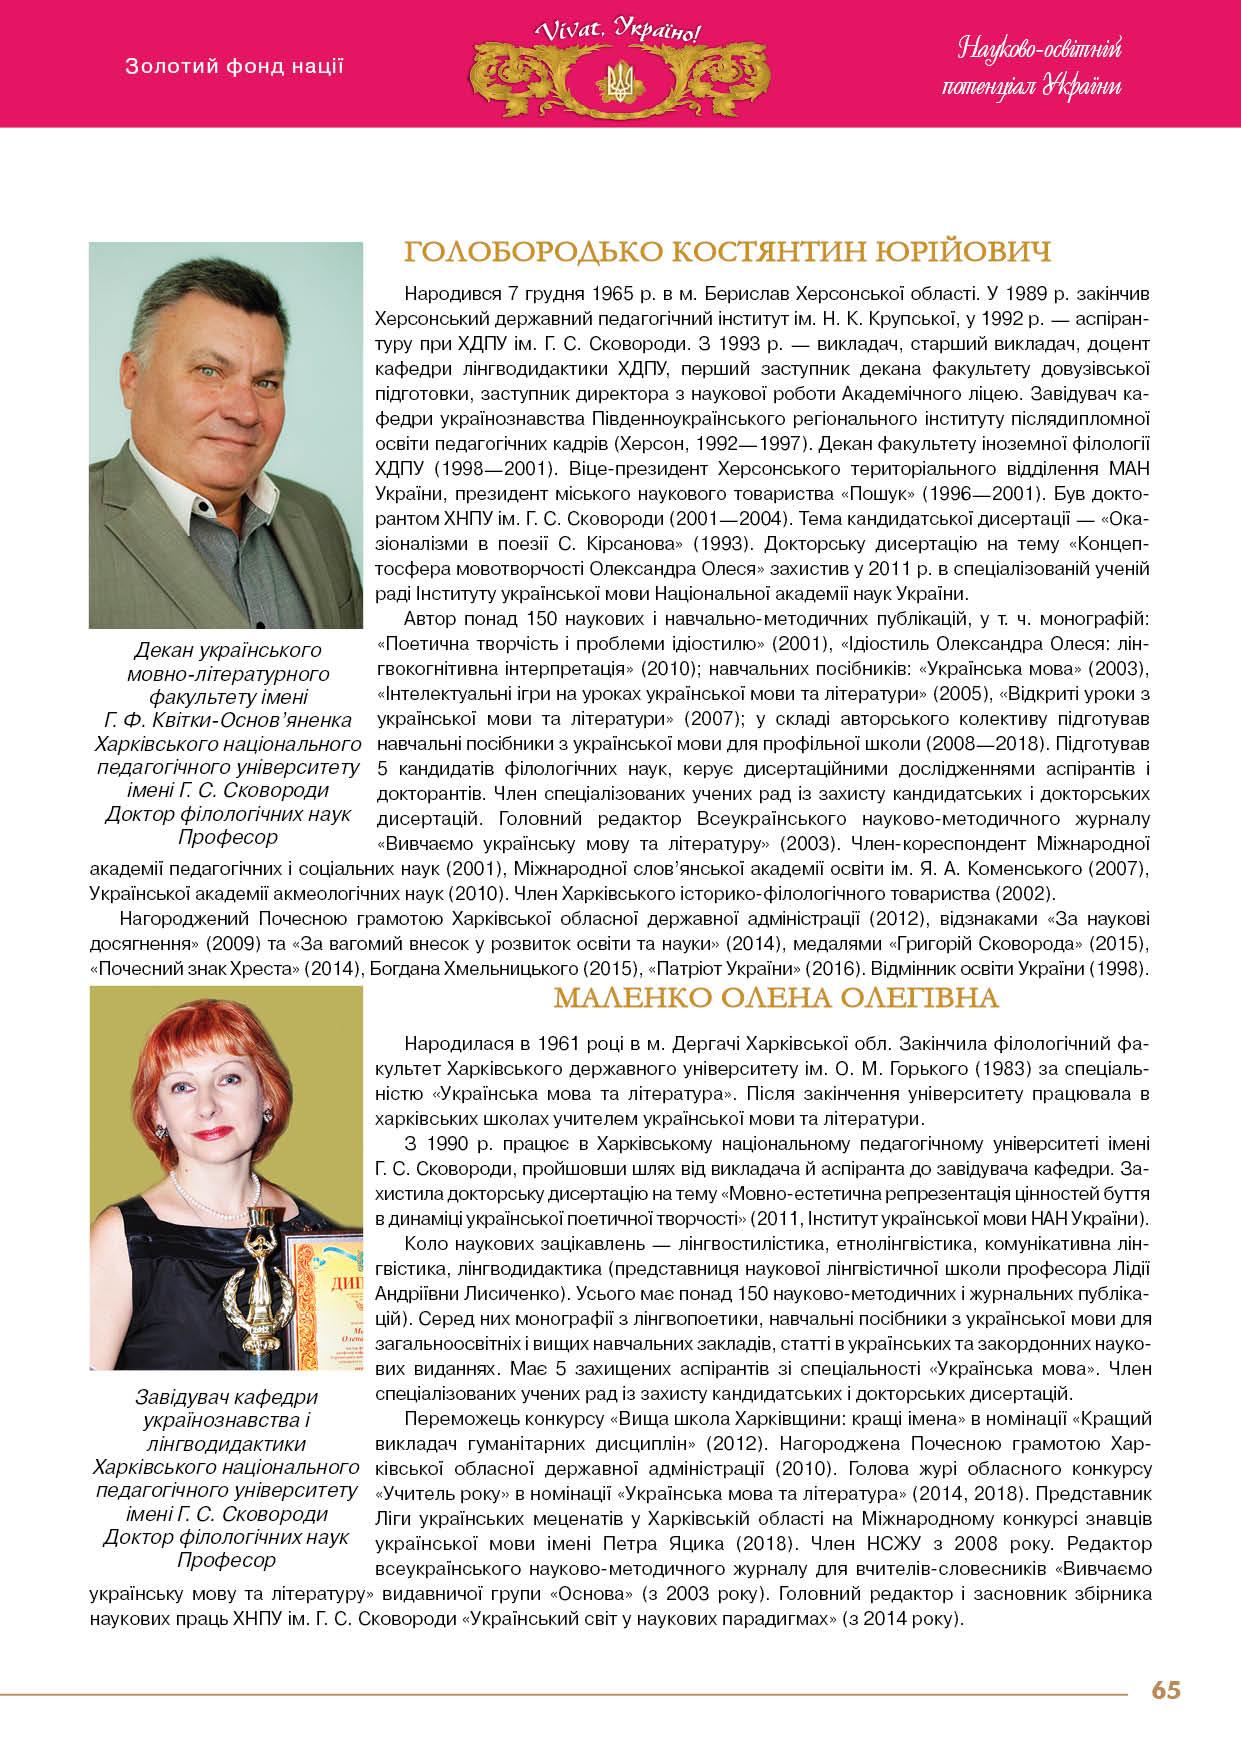 Голобородько Костянтин Юрійович, Маленко Олена Олегівна